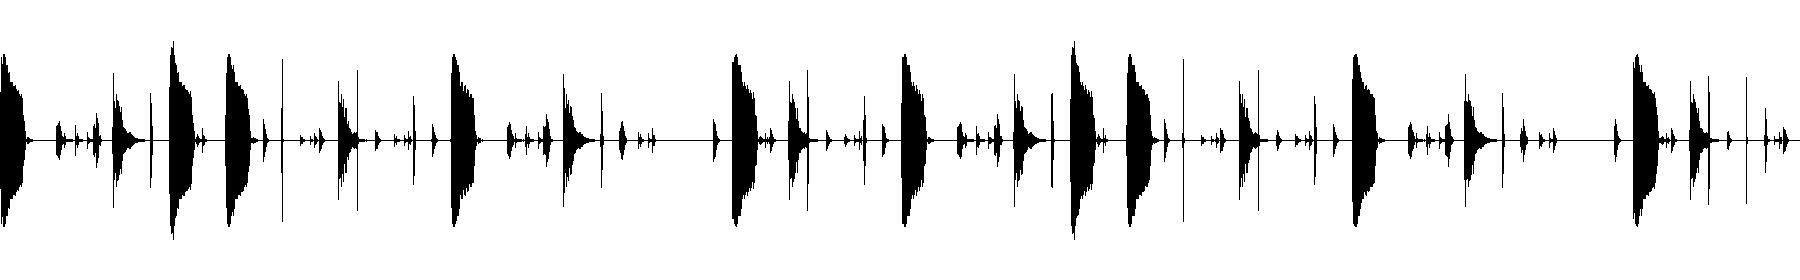 90 drumloop sp 09